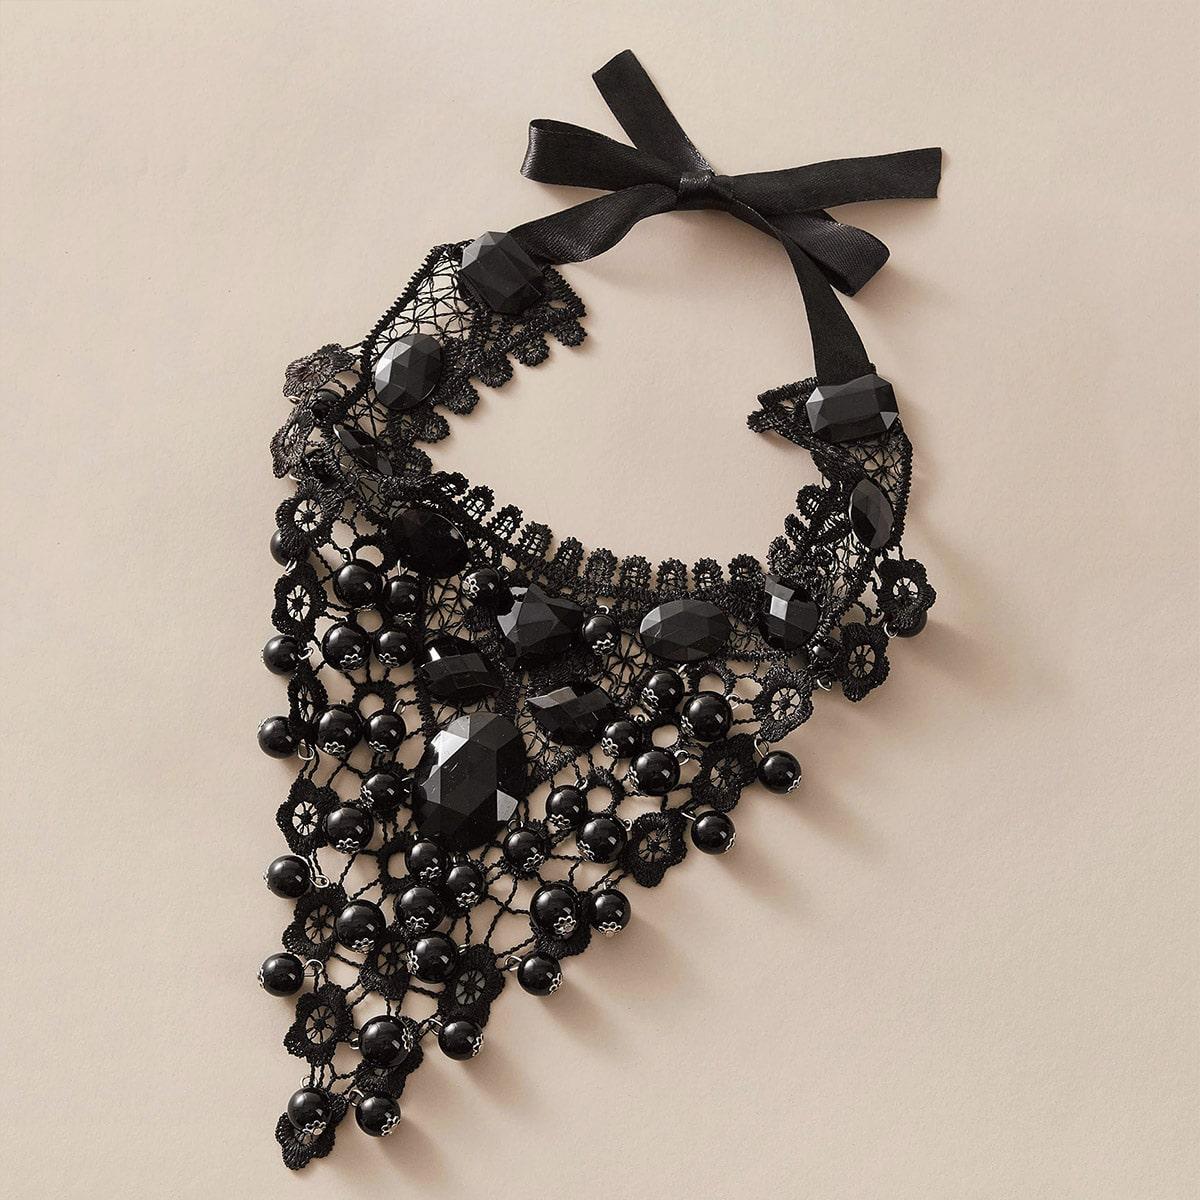 Ожерелье с бусами и кружевным декором 1шт от SHEIN